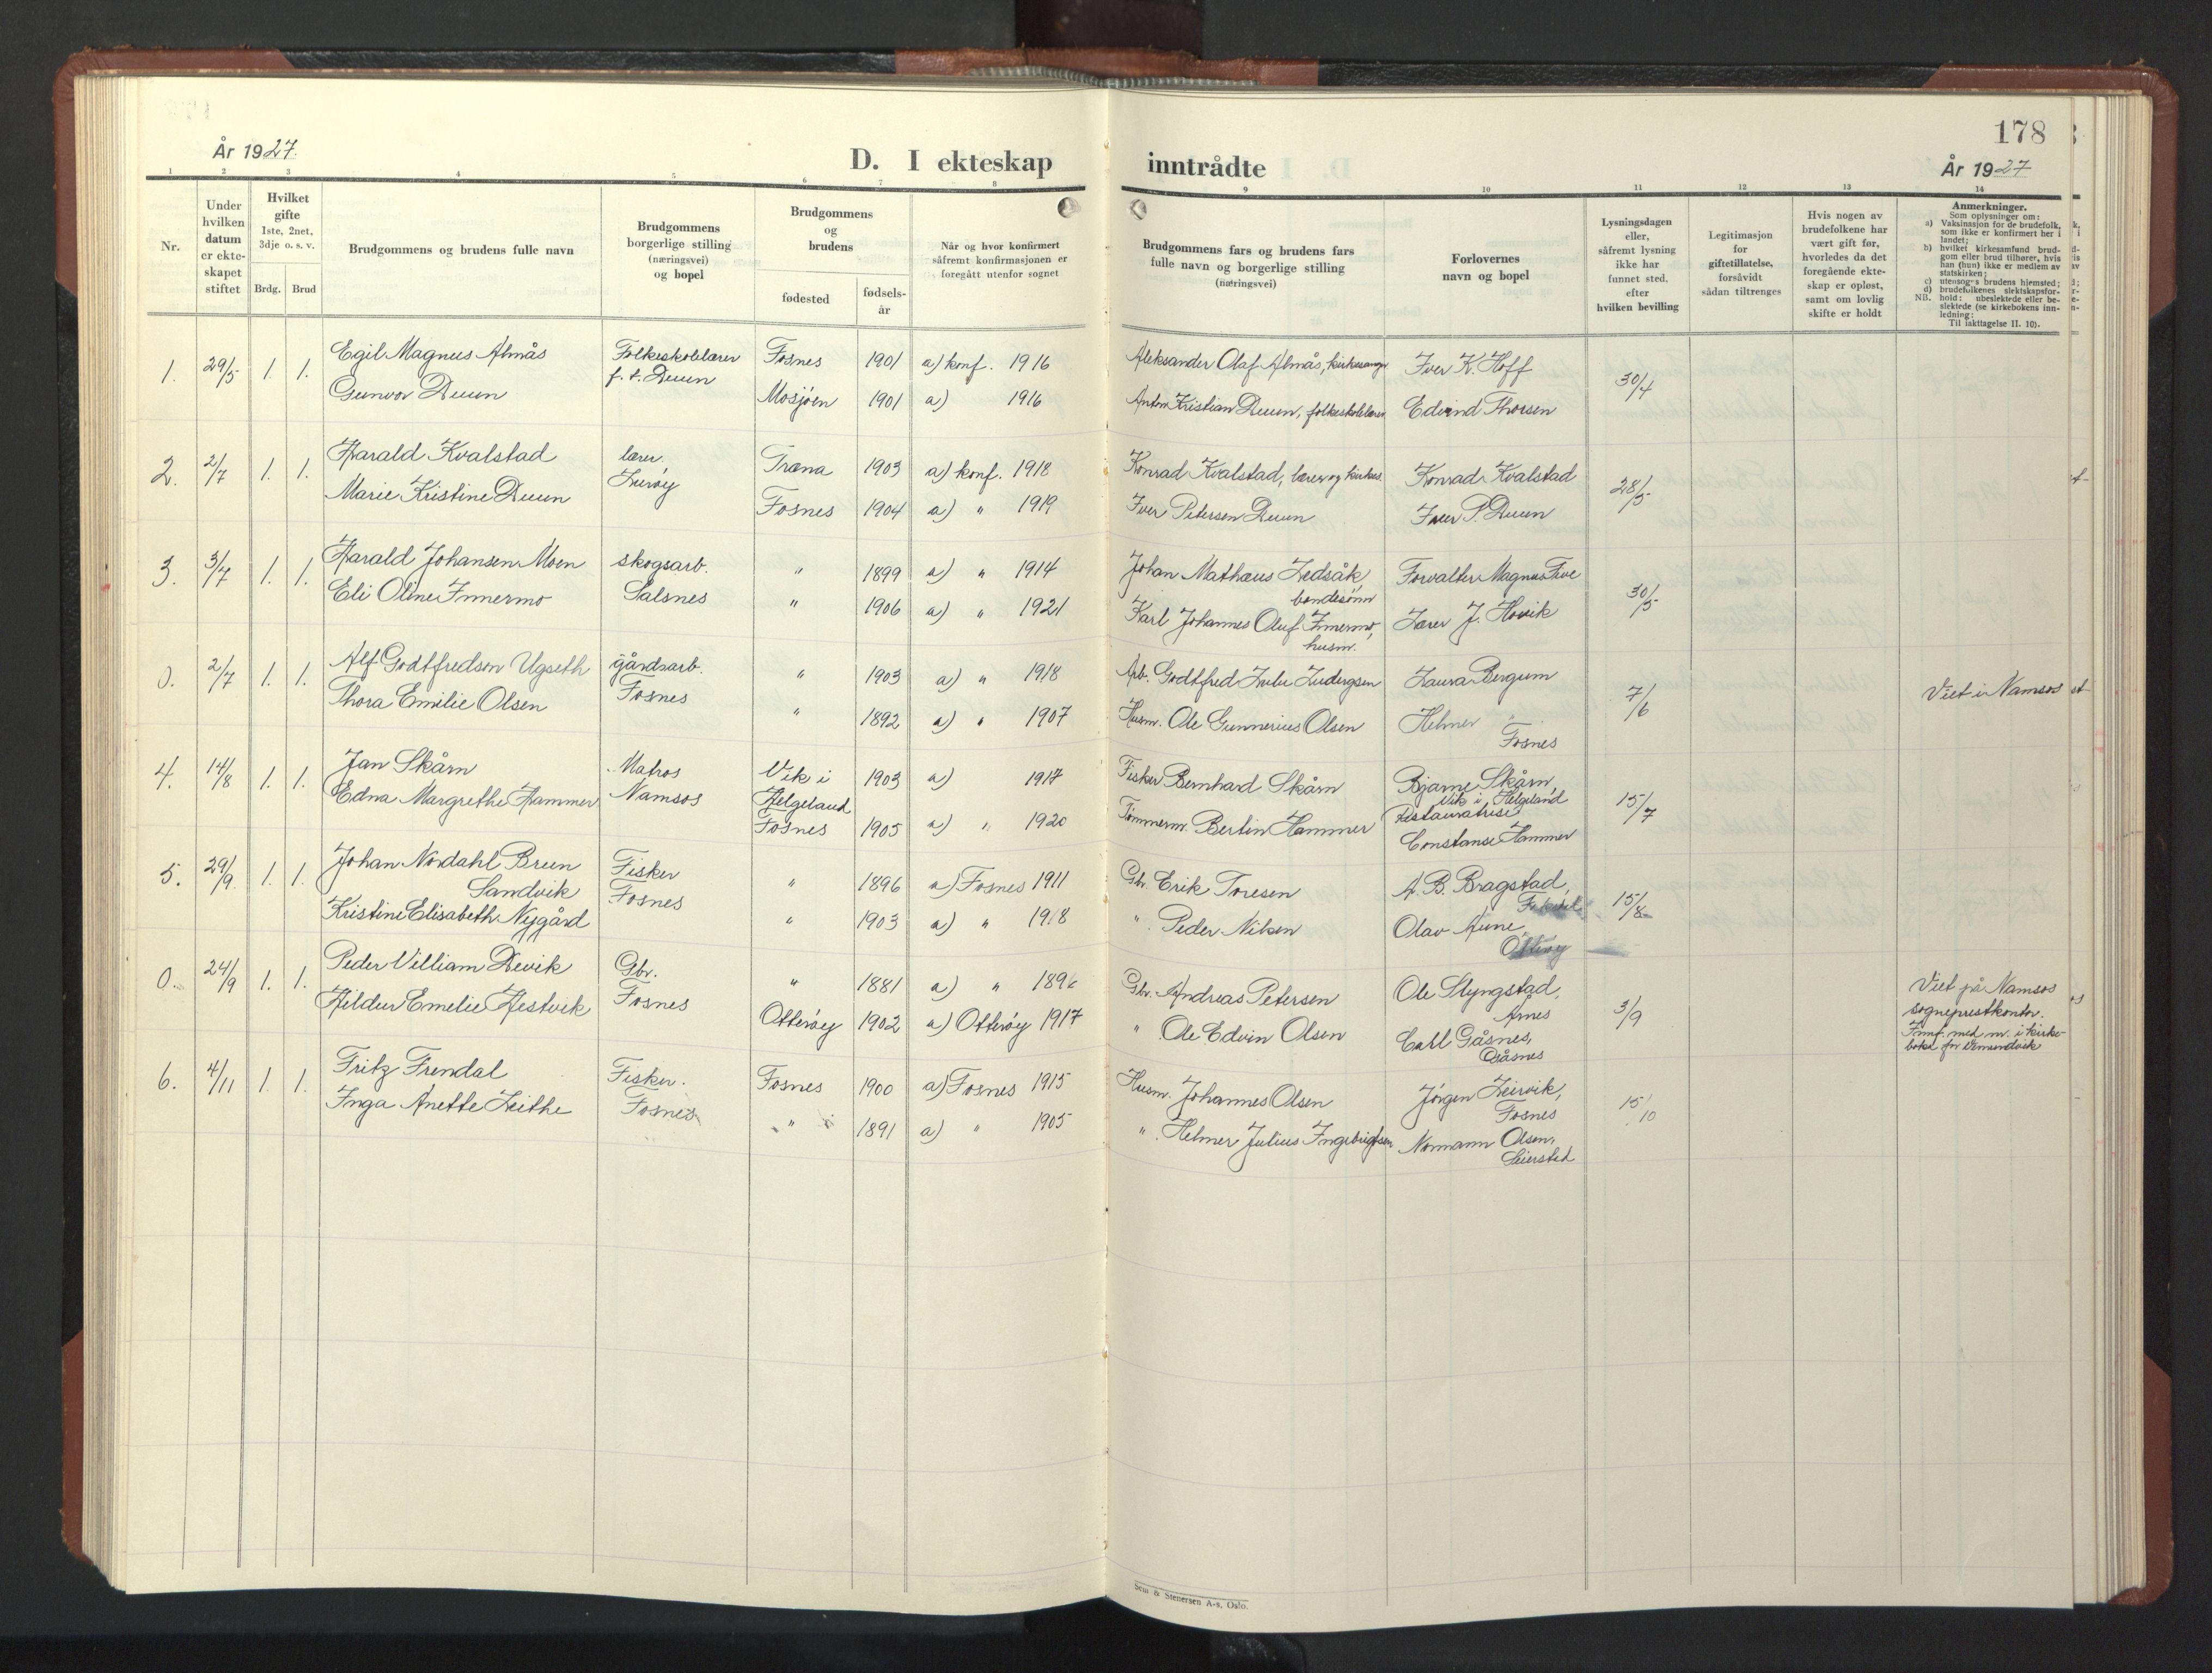 SAT, Ministerialprotokoller, klokkerbøker og fødselsregistre - Nord-Trøndelag, 773/L0625: Klokkerbok nr. 773C01, 1910-1952, s. 178